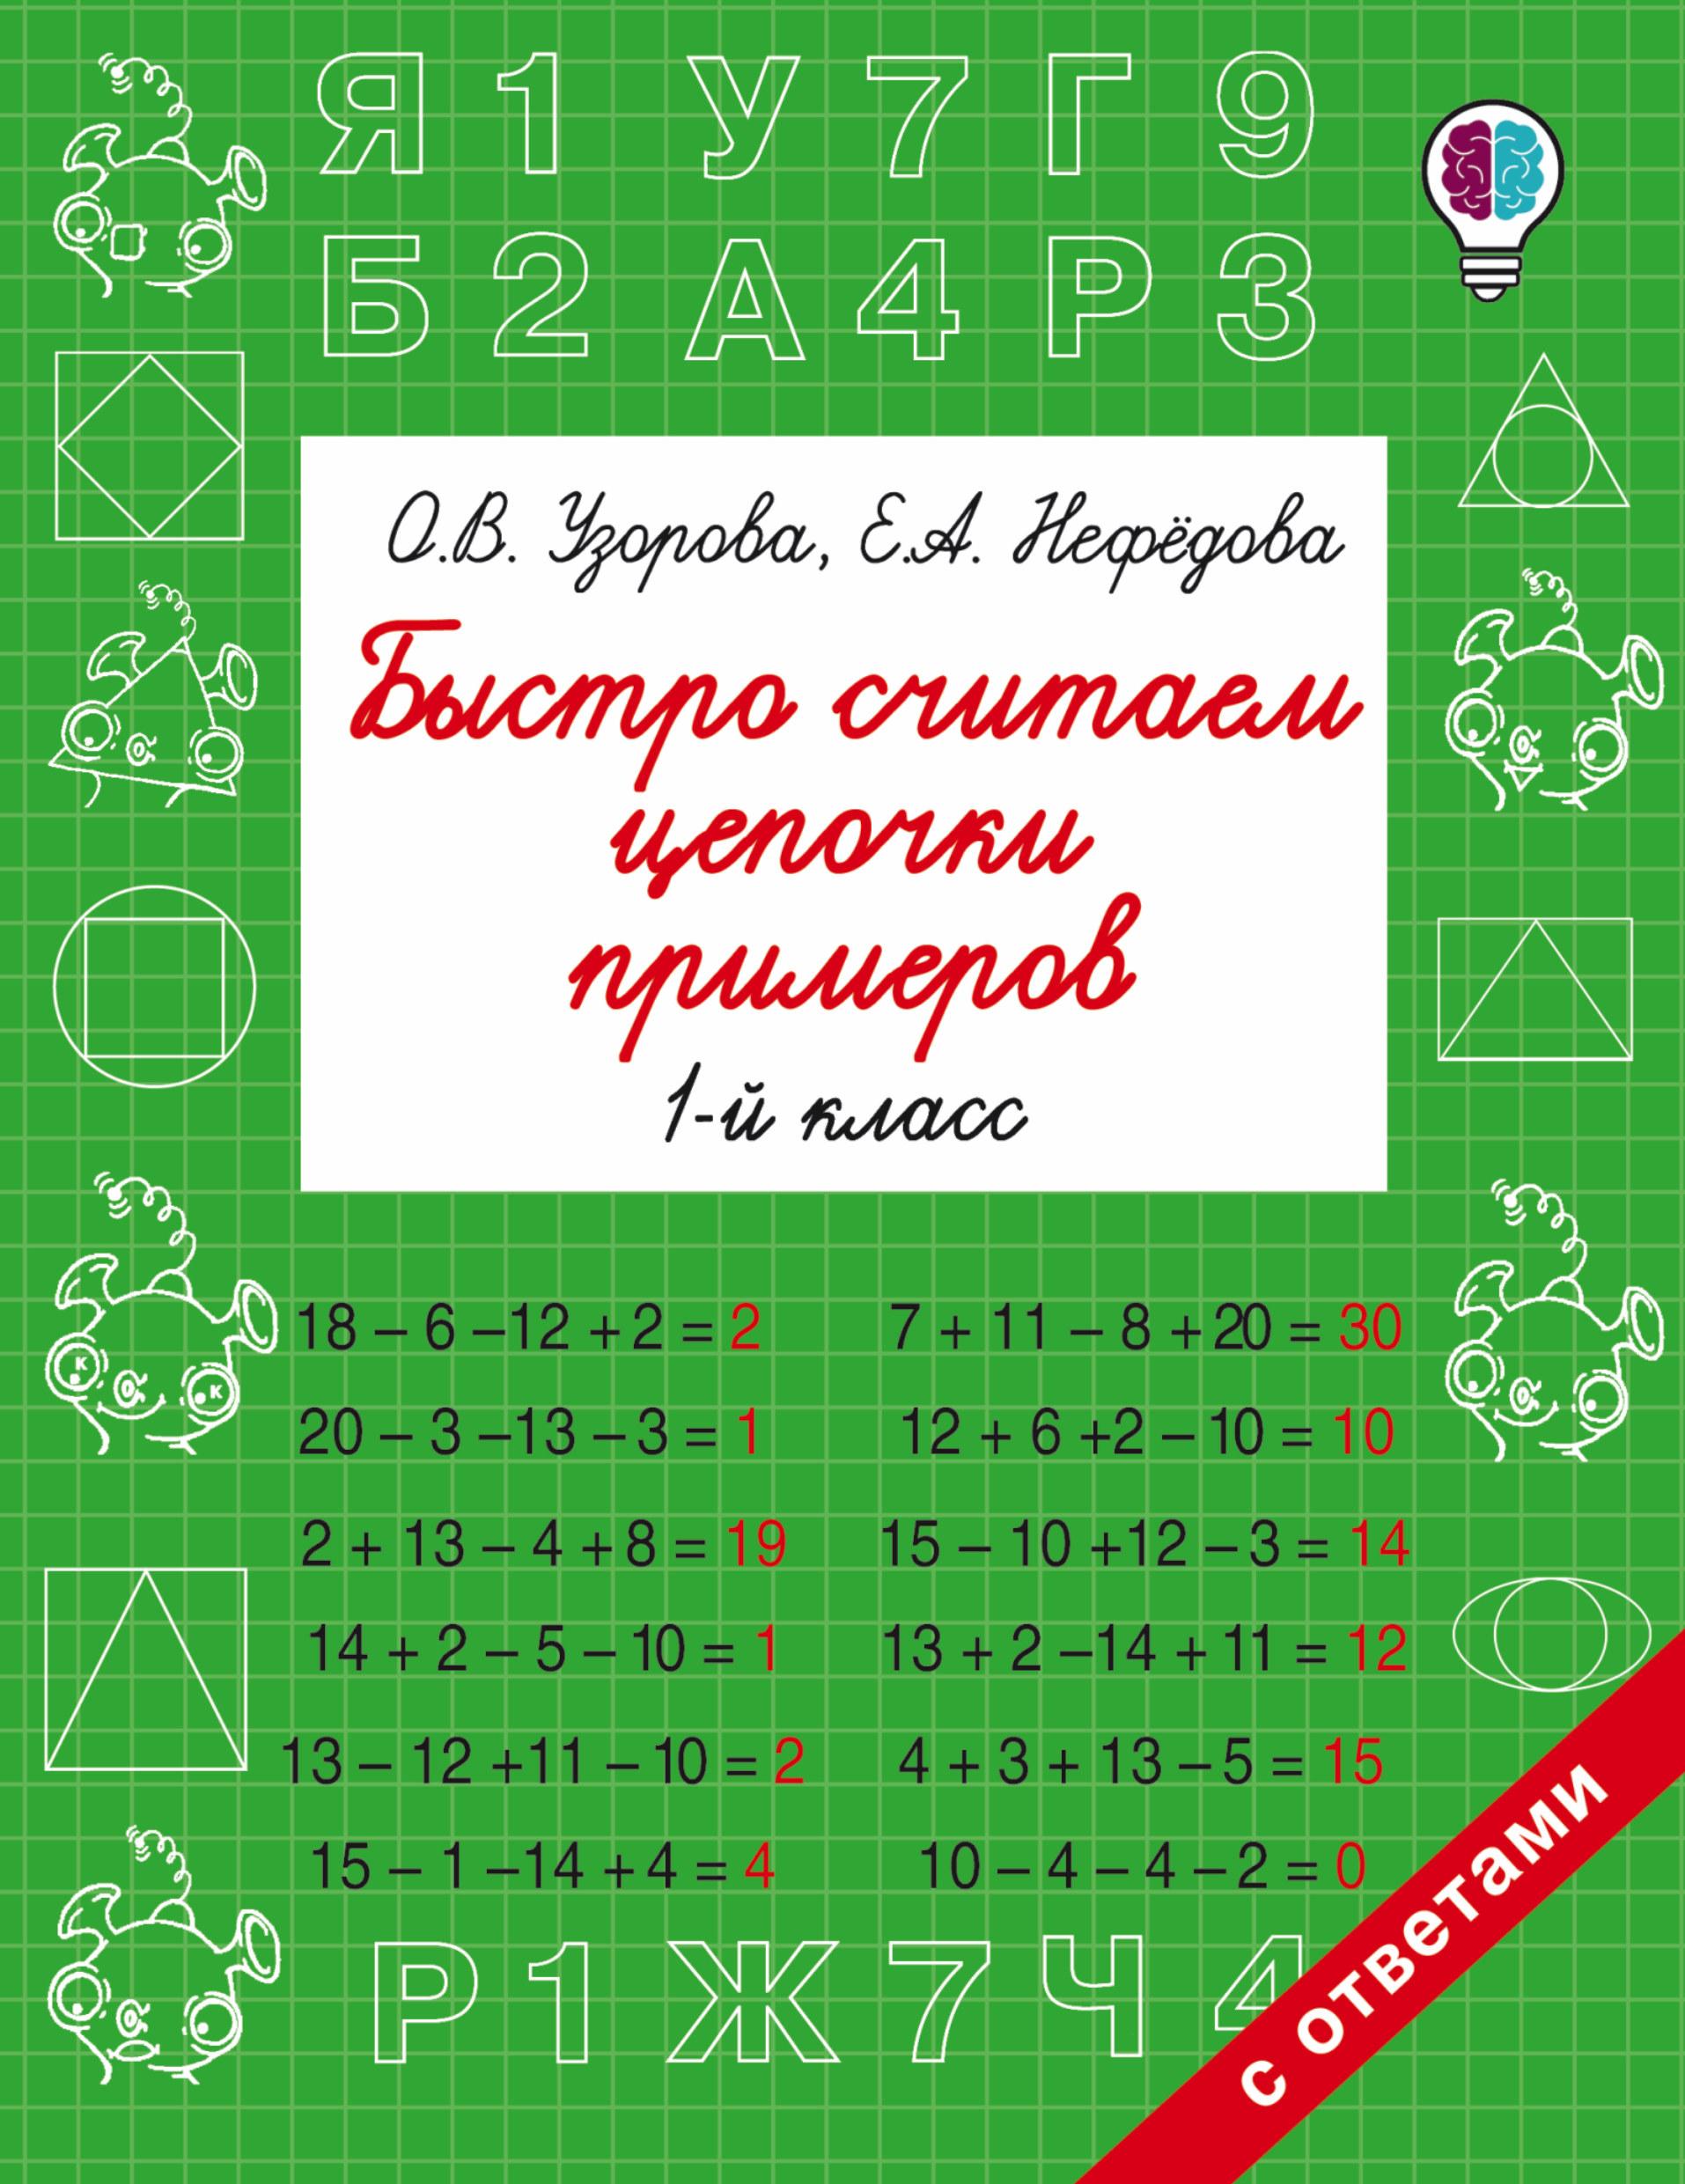 Быстро считаем цепочки примеров. 1 класс ( Узорова Ольга Васильевна, Нефедова Елена Алексеевна  )